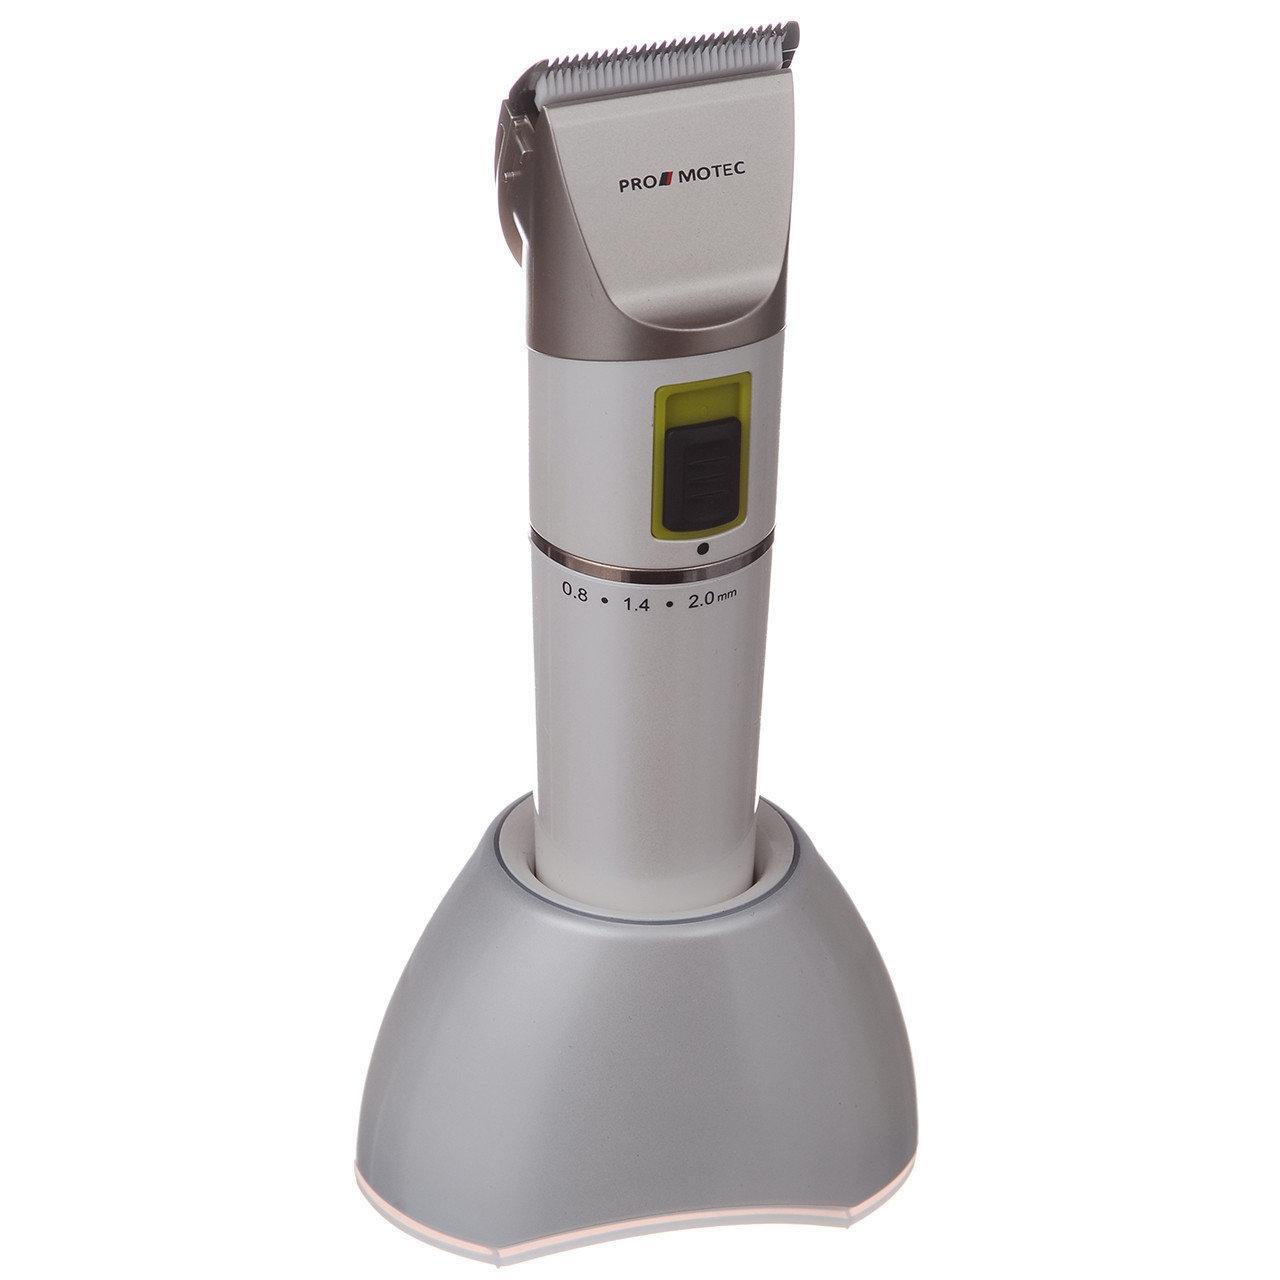 Машинка PROMOTEC PM-351, для стрижки волос, аккумуляторная